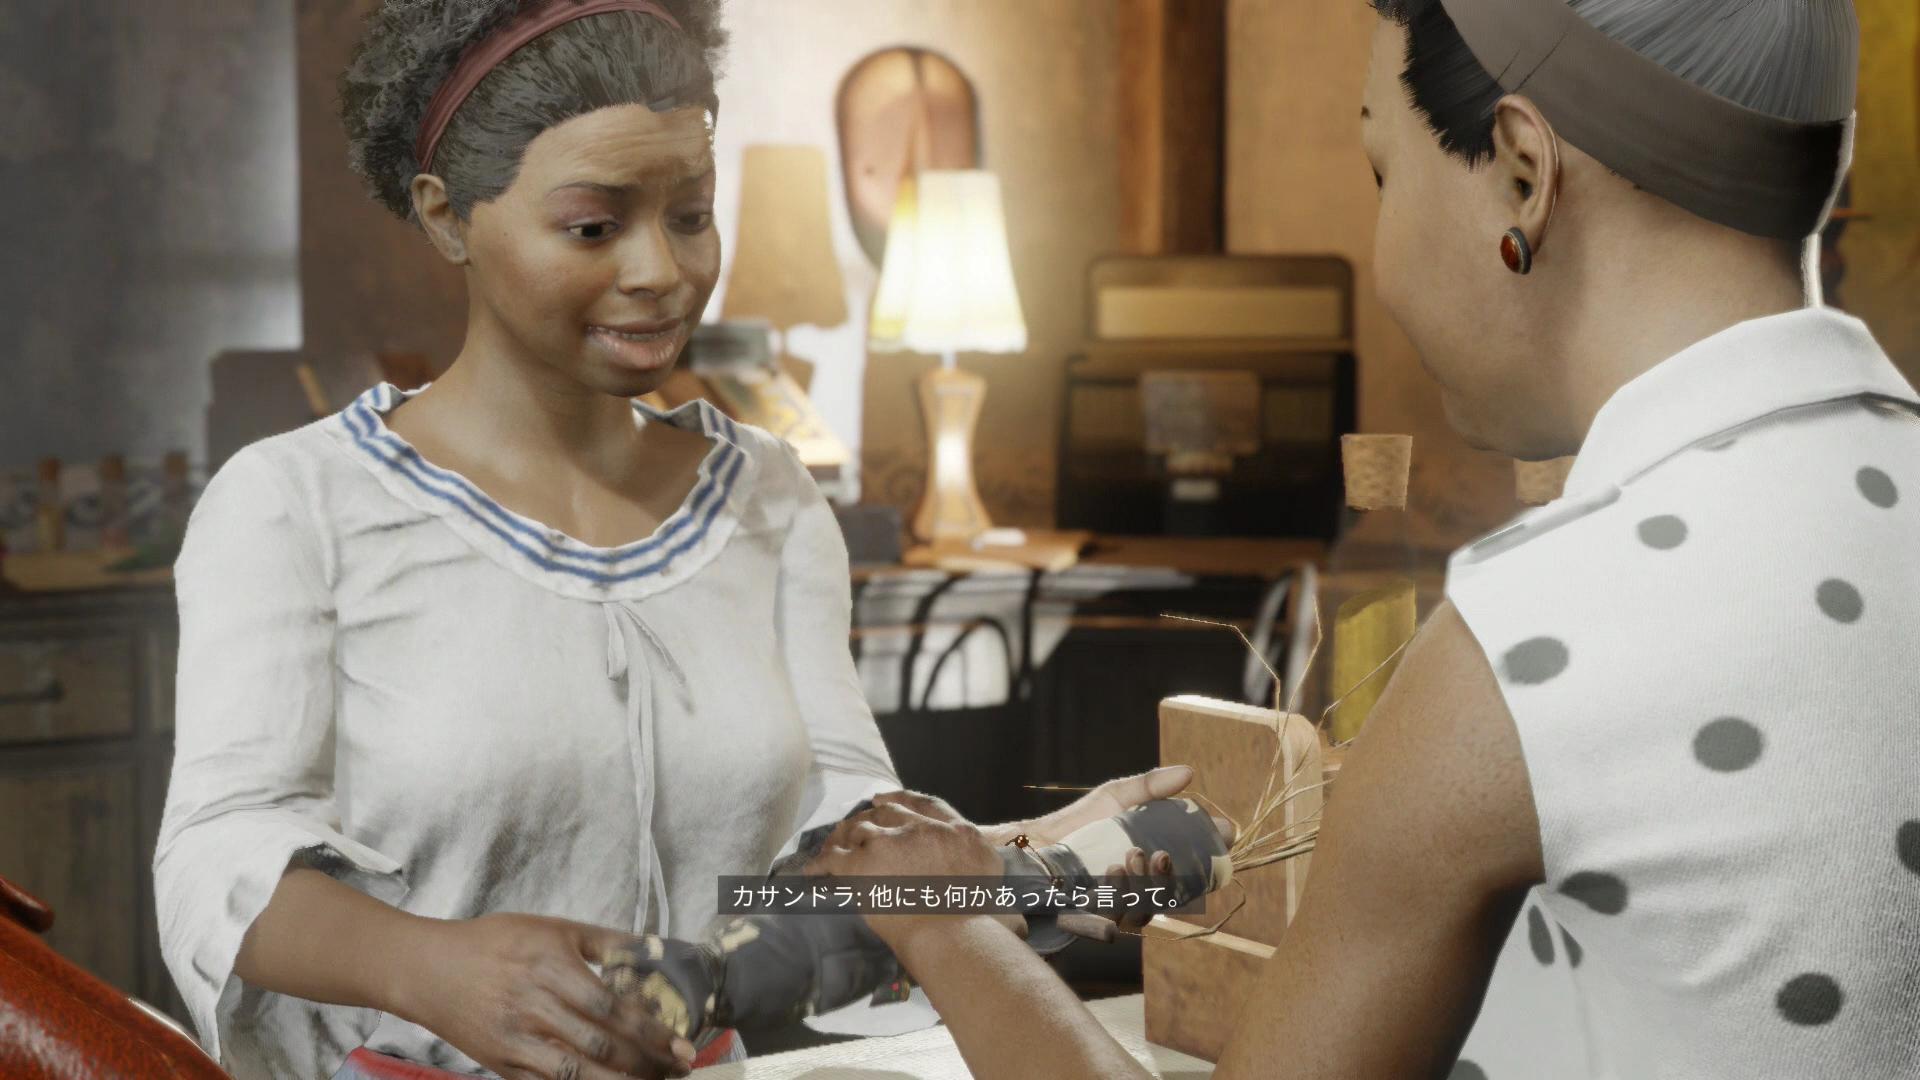 カサンドラは表向きの彼女はブードゥショップのオーナーだ。客に対して見せる笑顔はまやかしか、それとも……